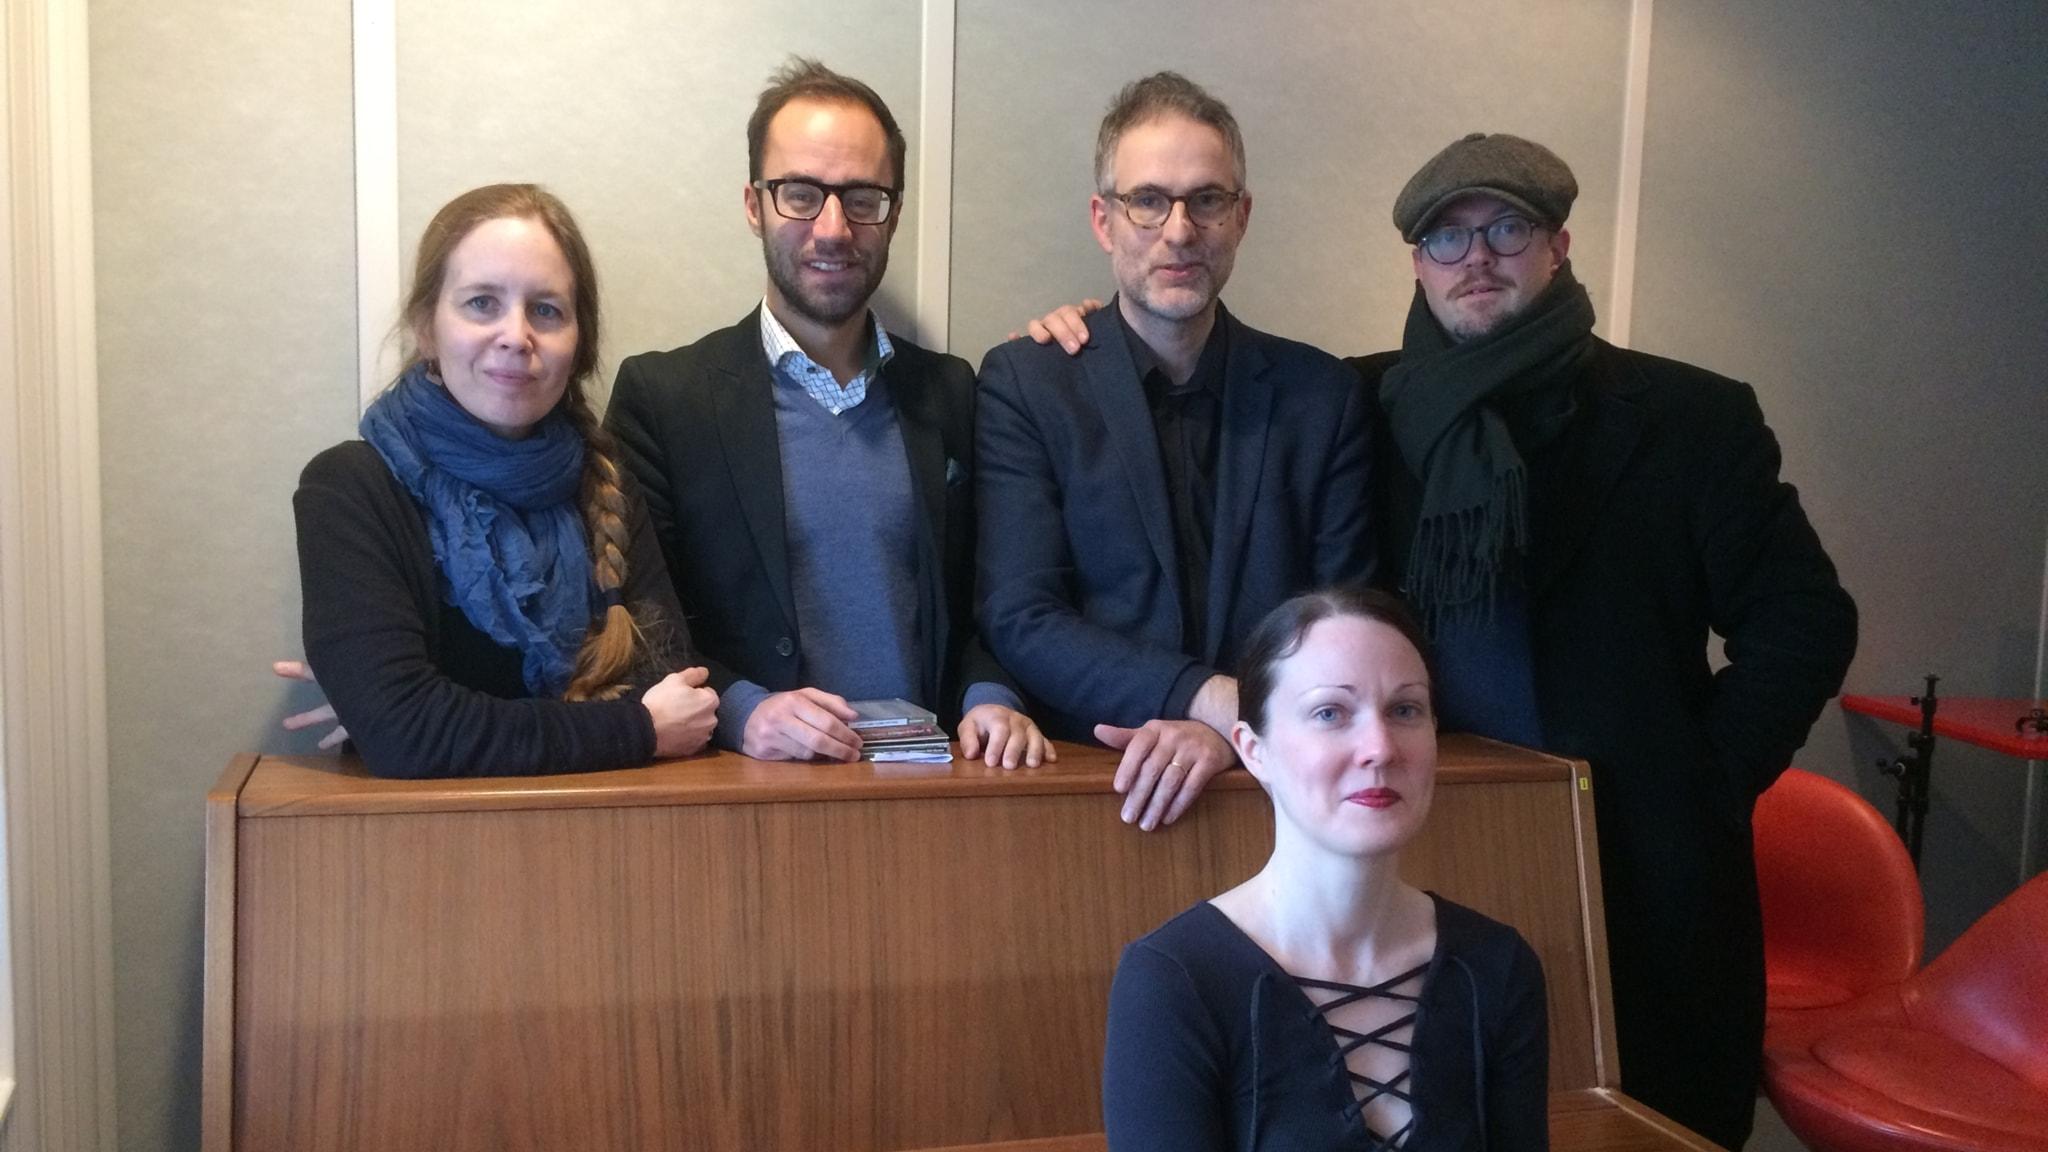 Panelen fr v Anna Nyhlin, Edward Klingspor, programledaren och David Björkman. Framför sitter Johanna Paulsson som bjuder oss Johannas val.